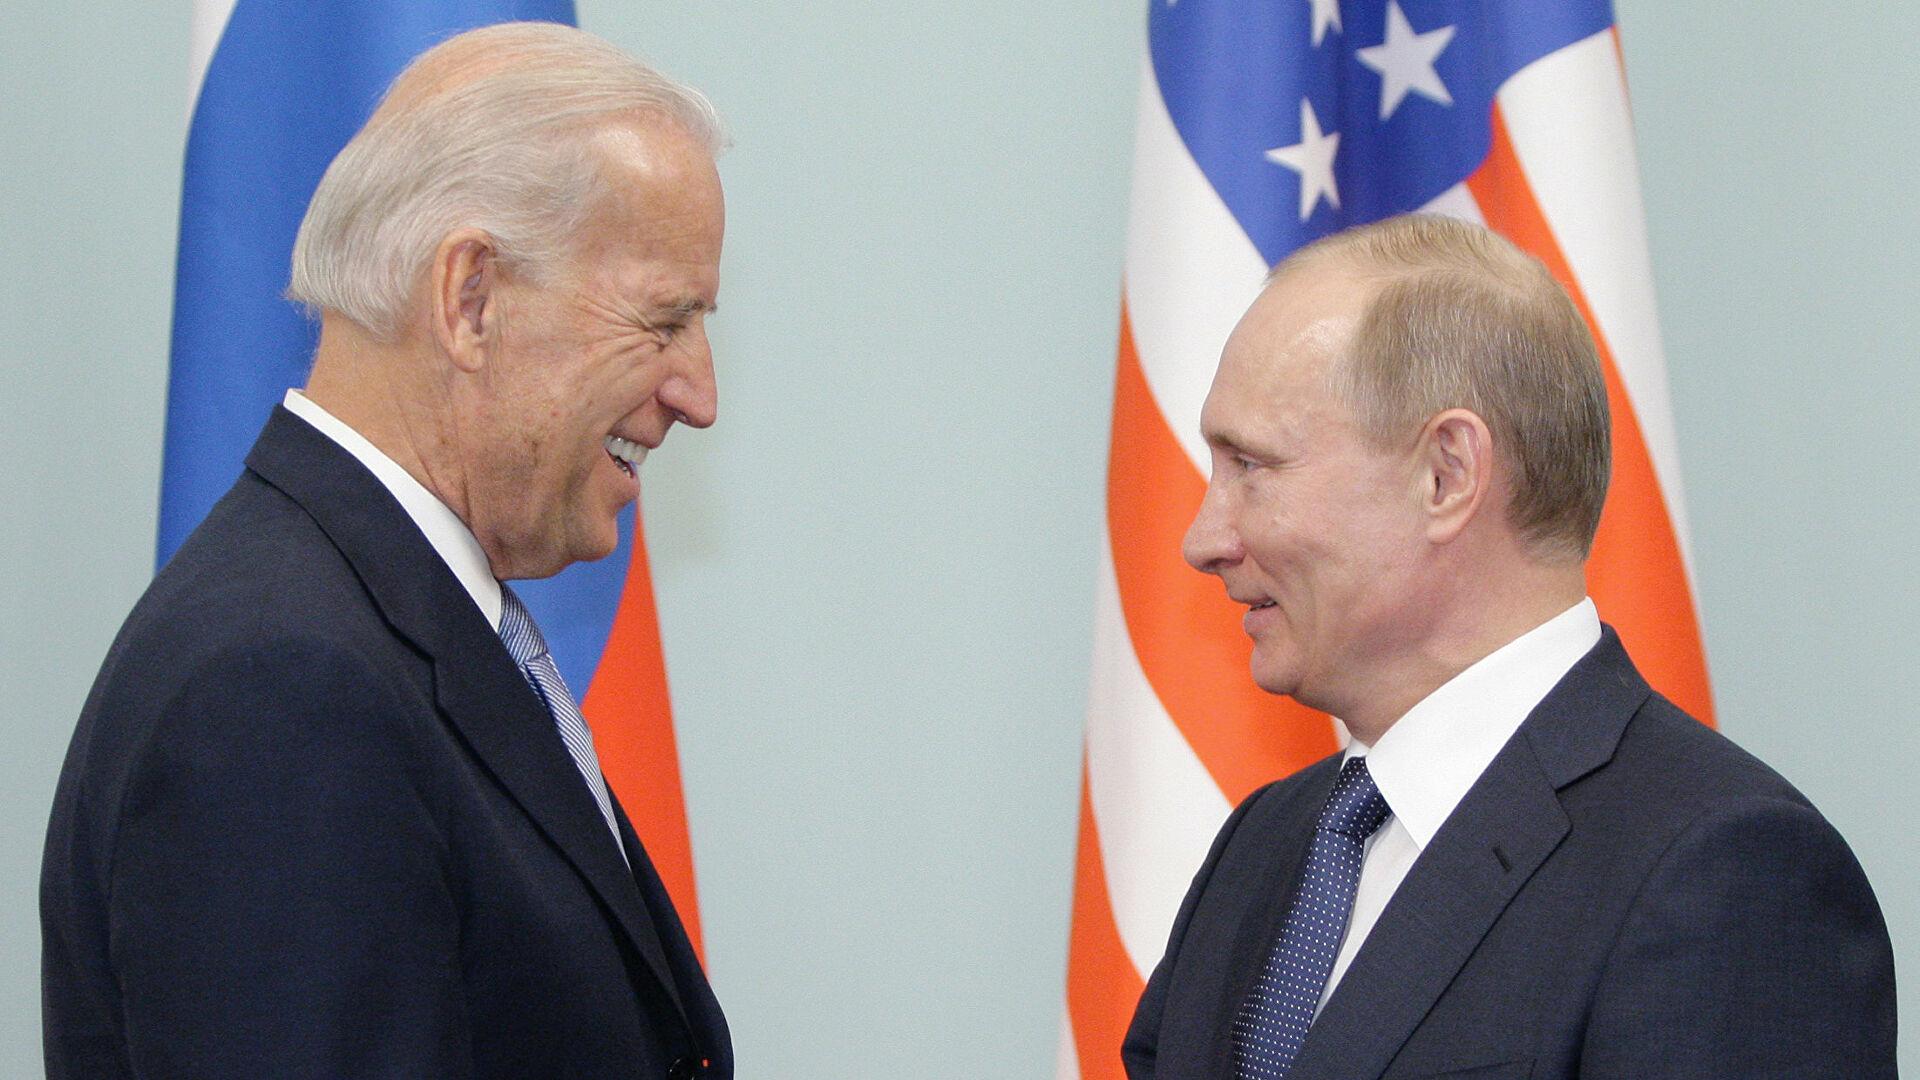 Лавров: Путин и Бајден ће сами одредити теме за преговоре, али дијалог треба да буде заснован на узајамном поштовању